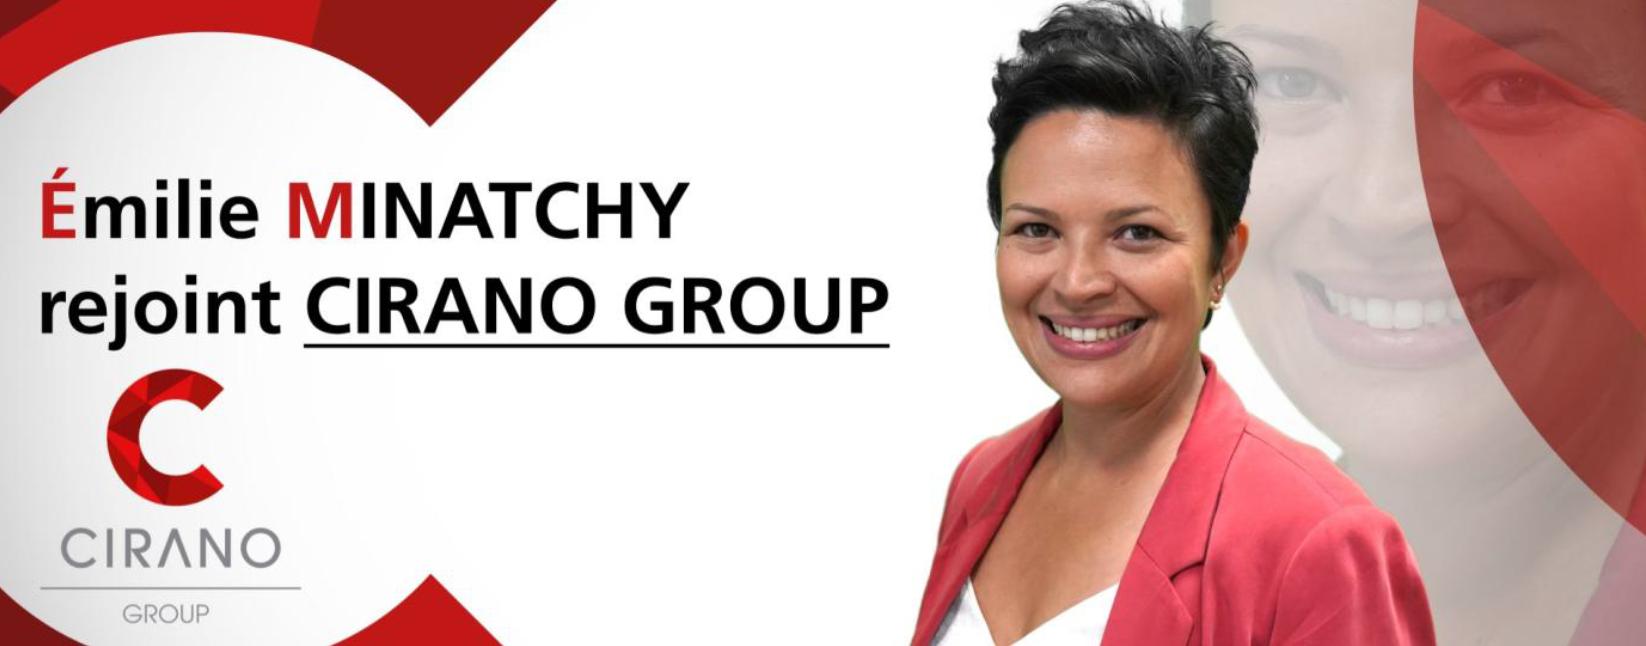 La Réunion : Émilie Minatchy rejoint Cirano Group